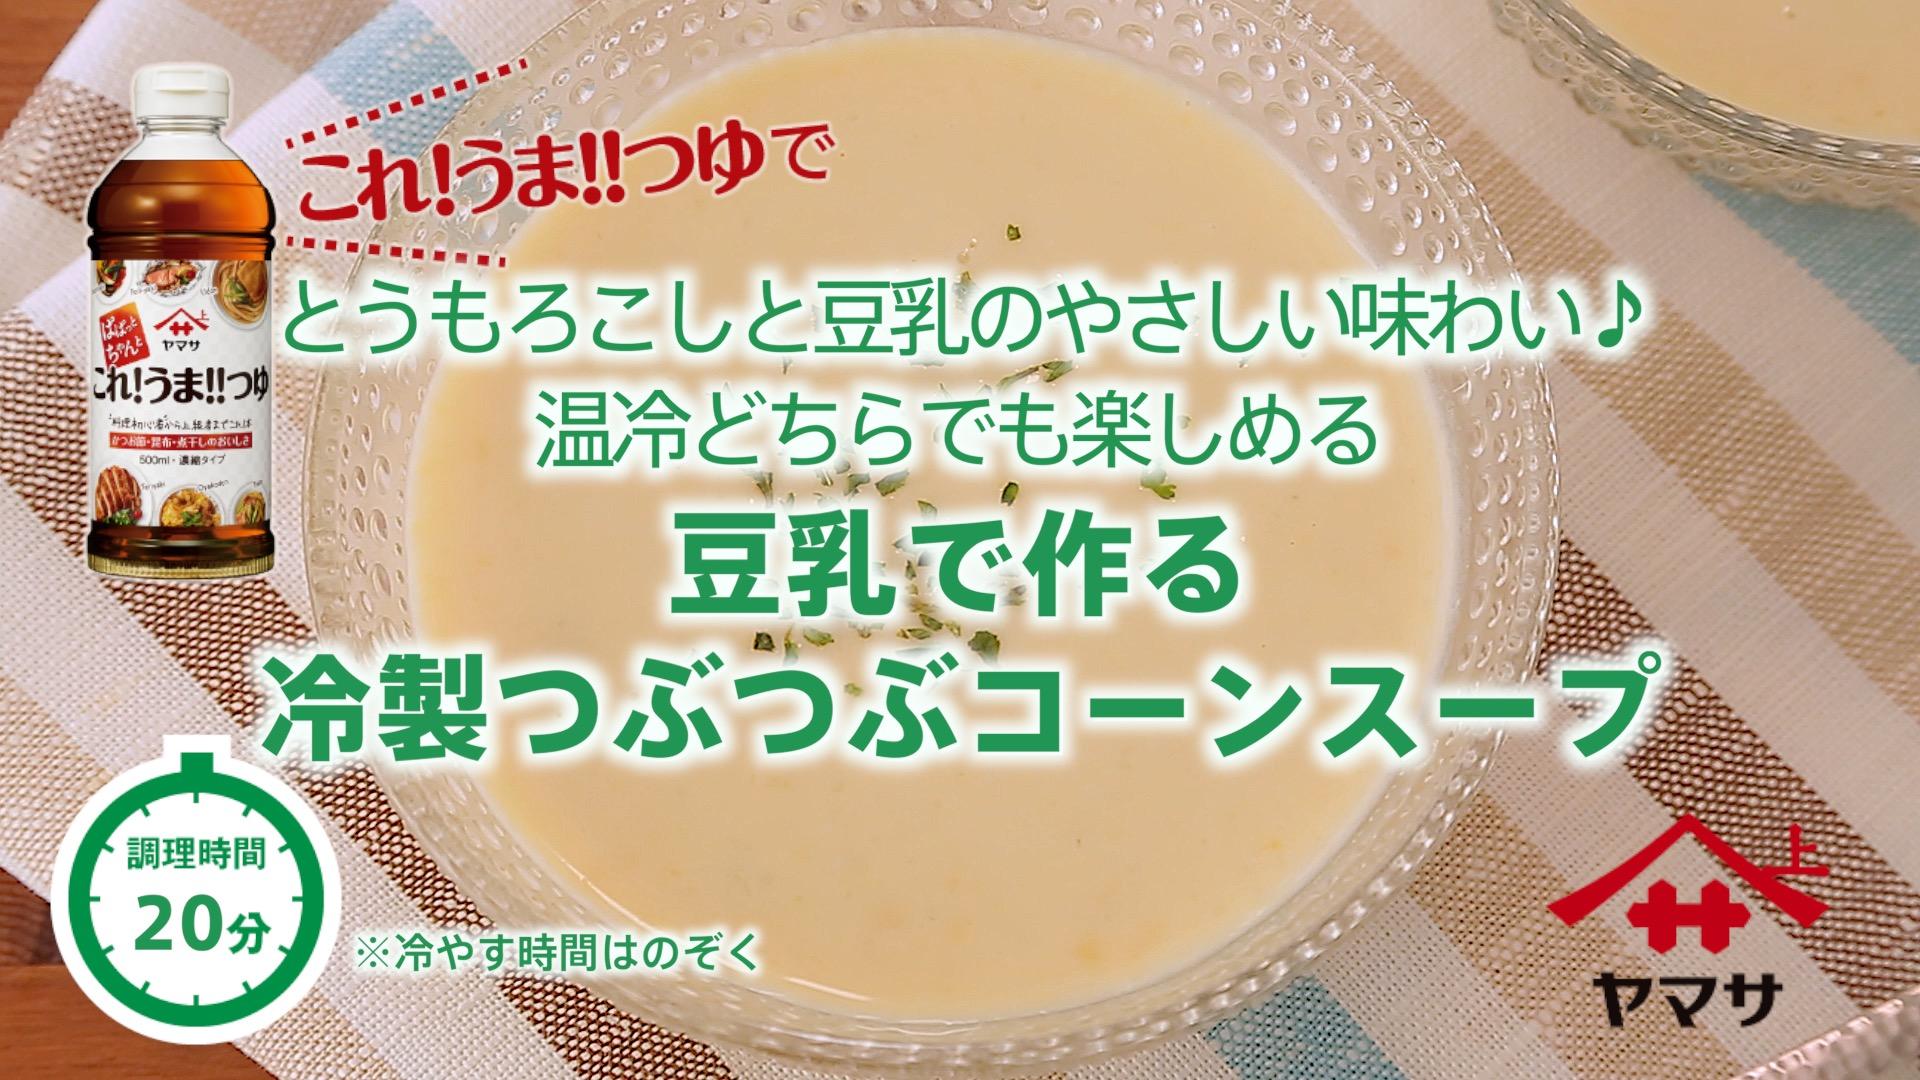 豆乳で作る冷製つぶつぶコーンスープ